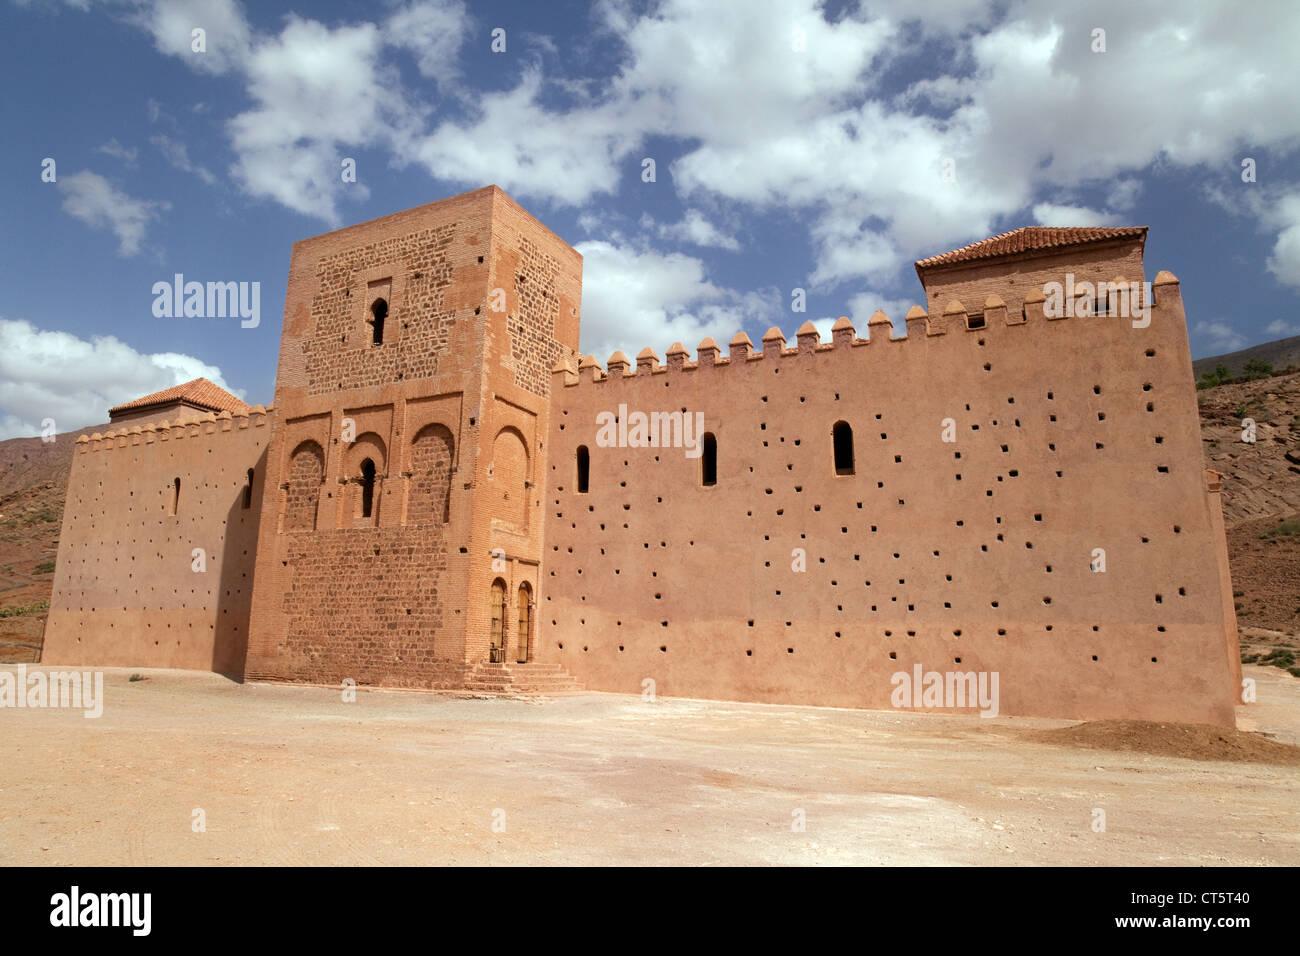 Le 12ème siècle, la mosquée de Tin Mal région du Haut Atlas, Maroc Sud Photo Stock